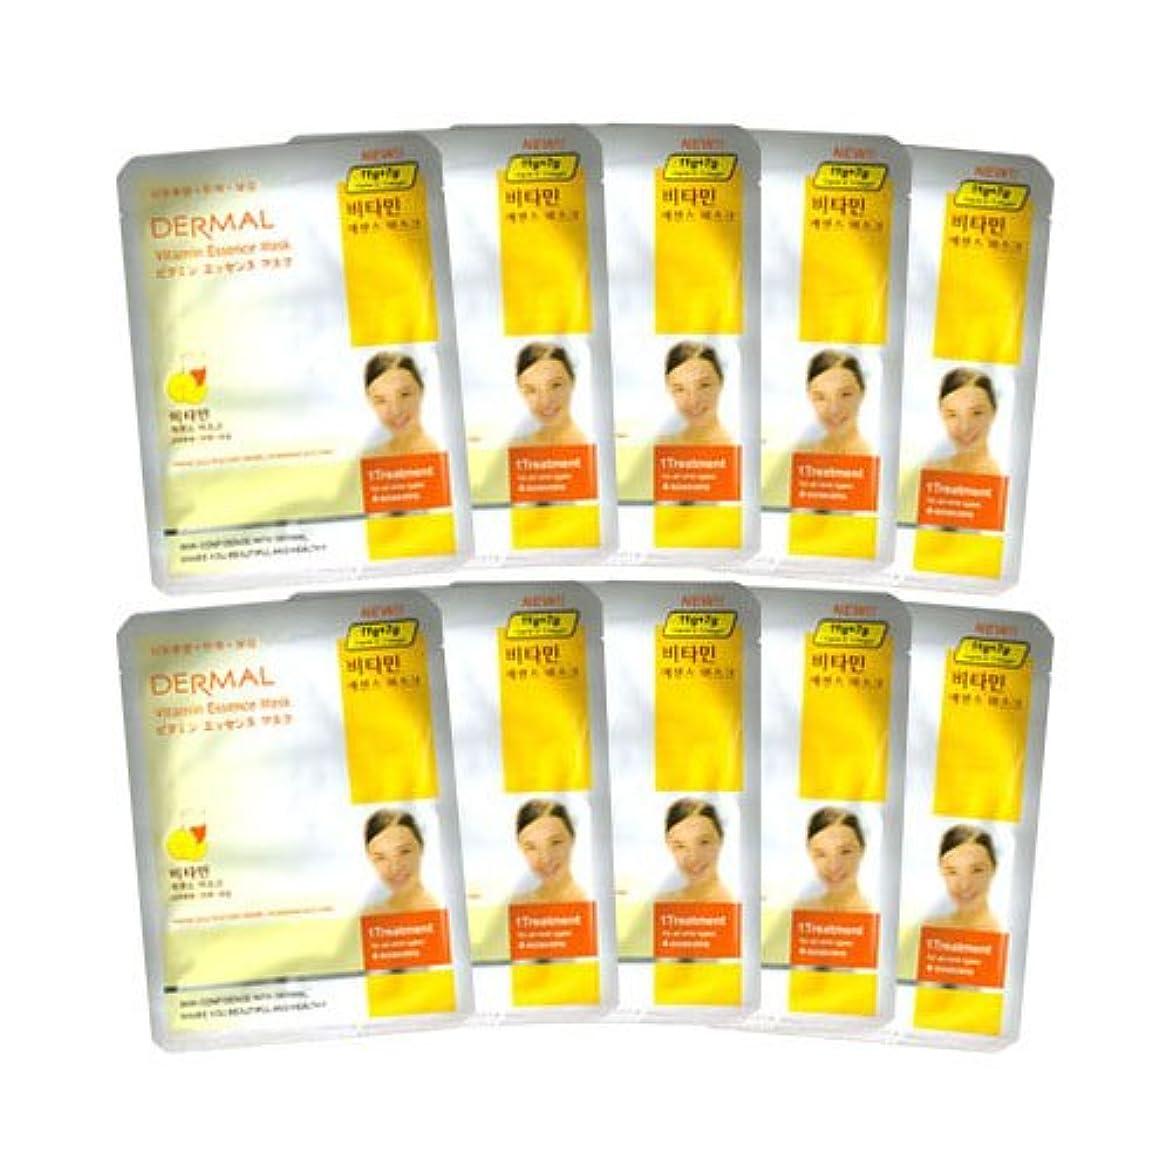 新しさトランザクション麦芽ダーマル ビタミンエッセンスマスク 10枚セット